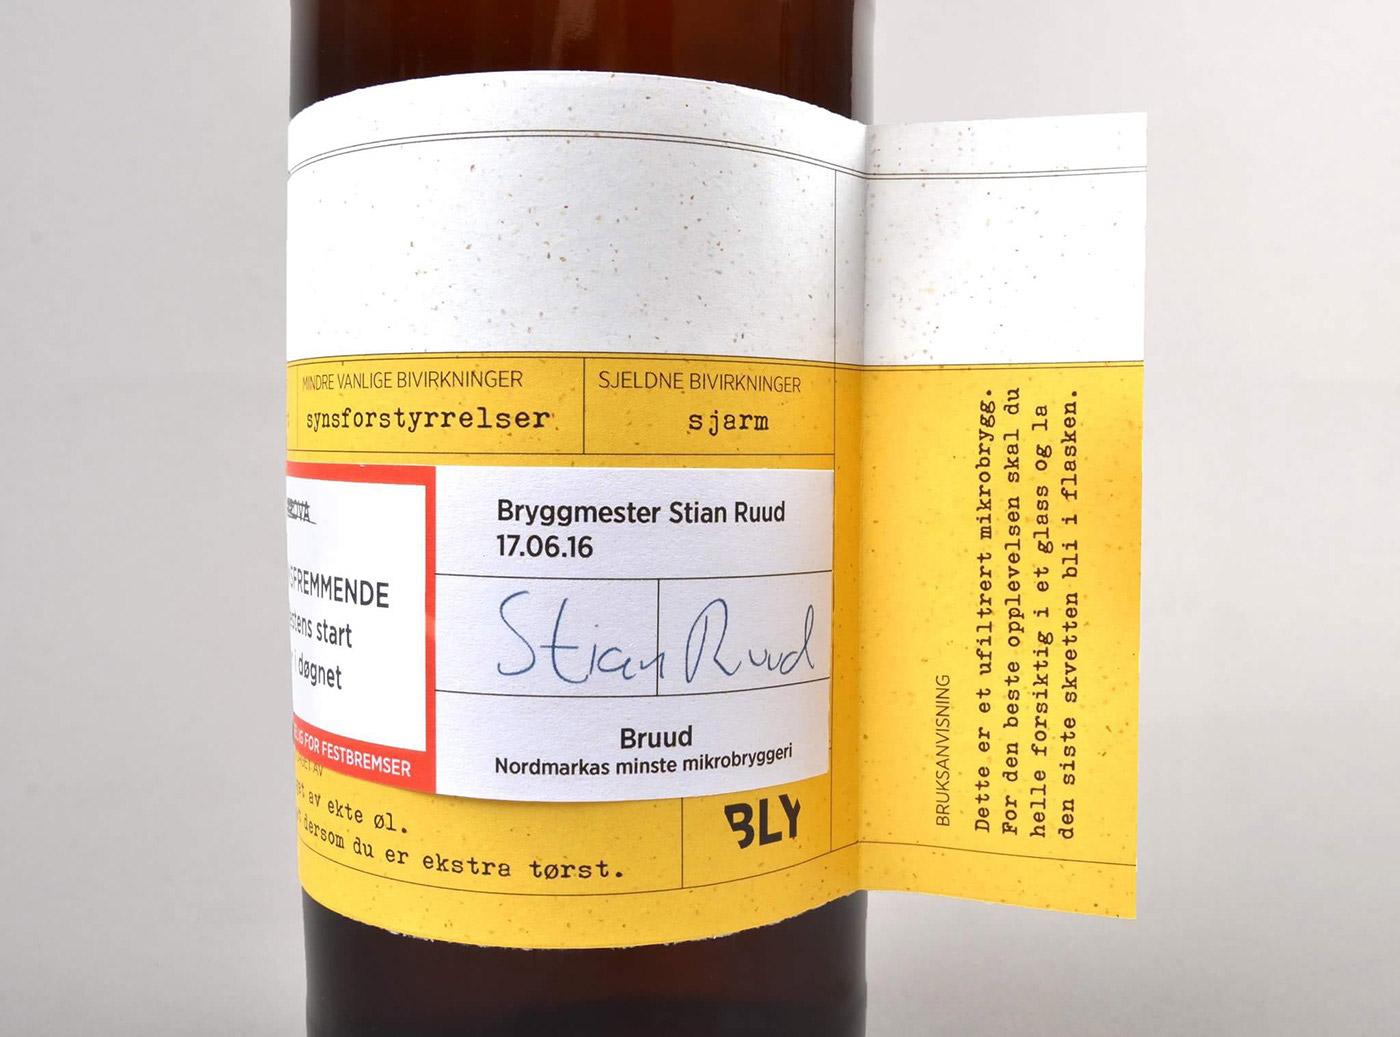 Blydoping-Beer-Labels-design-mindsparkle-mag-4.jpg